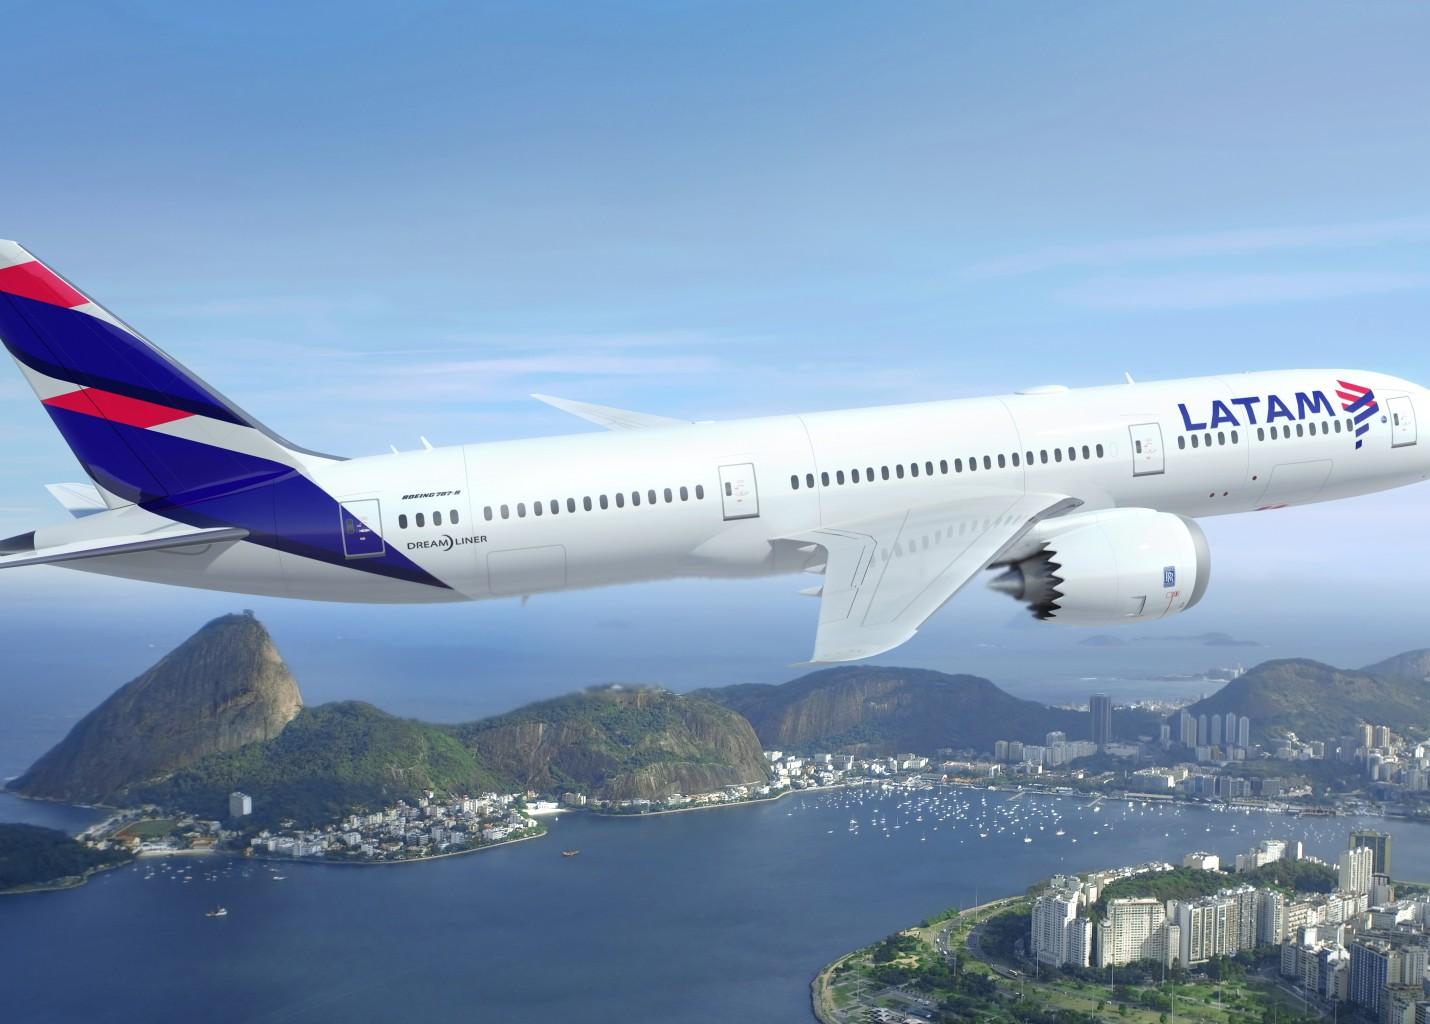 Latam terá mais de 50 aeronaves com a nova pintura até o fim de 2016; veja vídeo